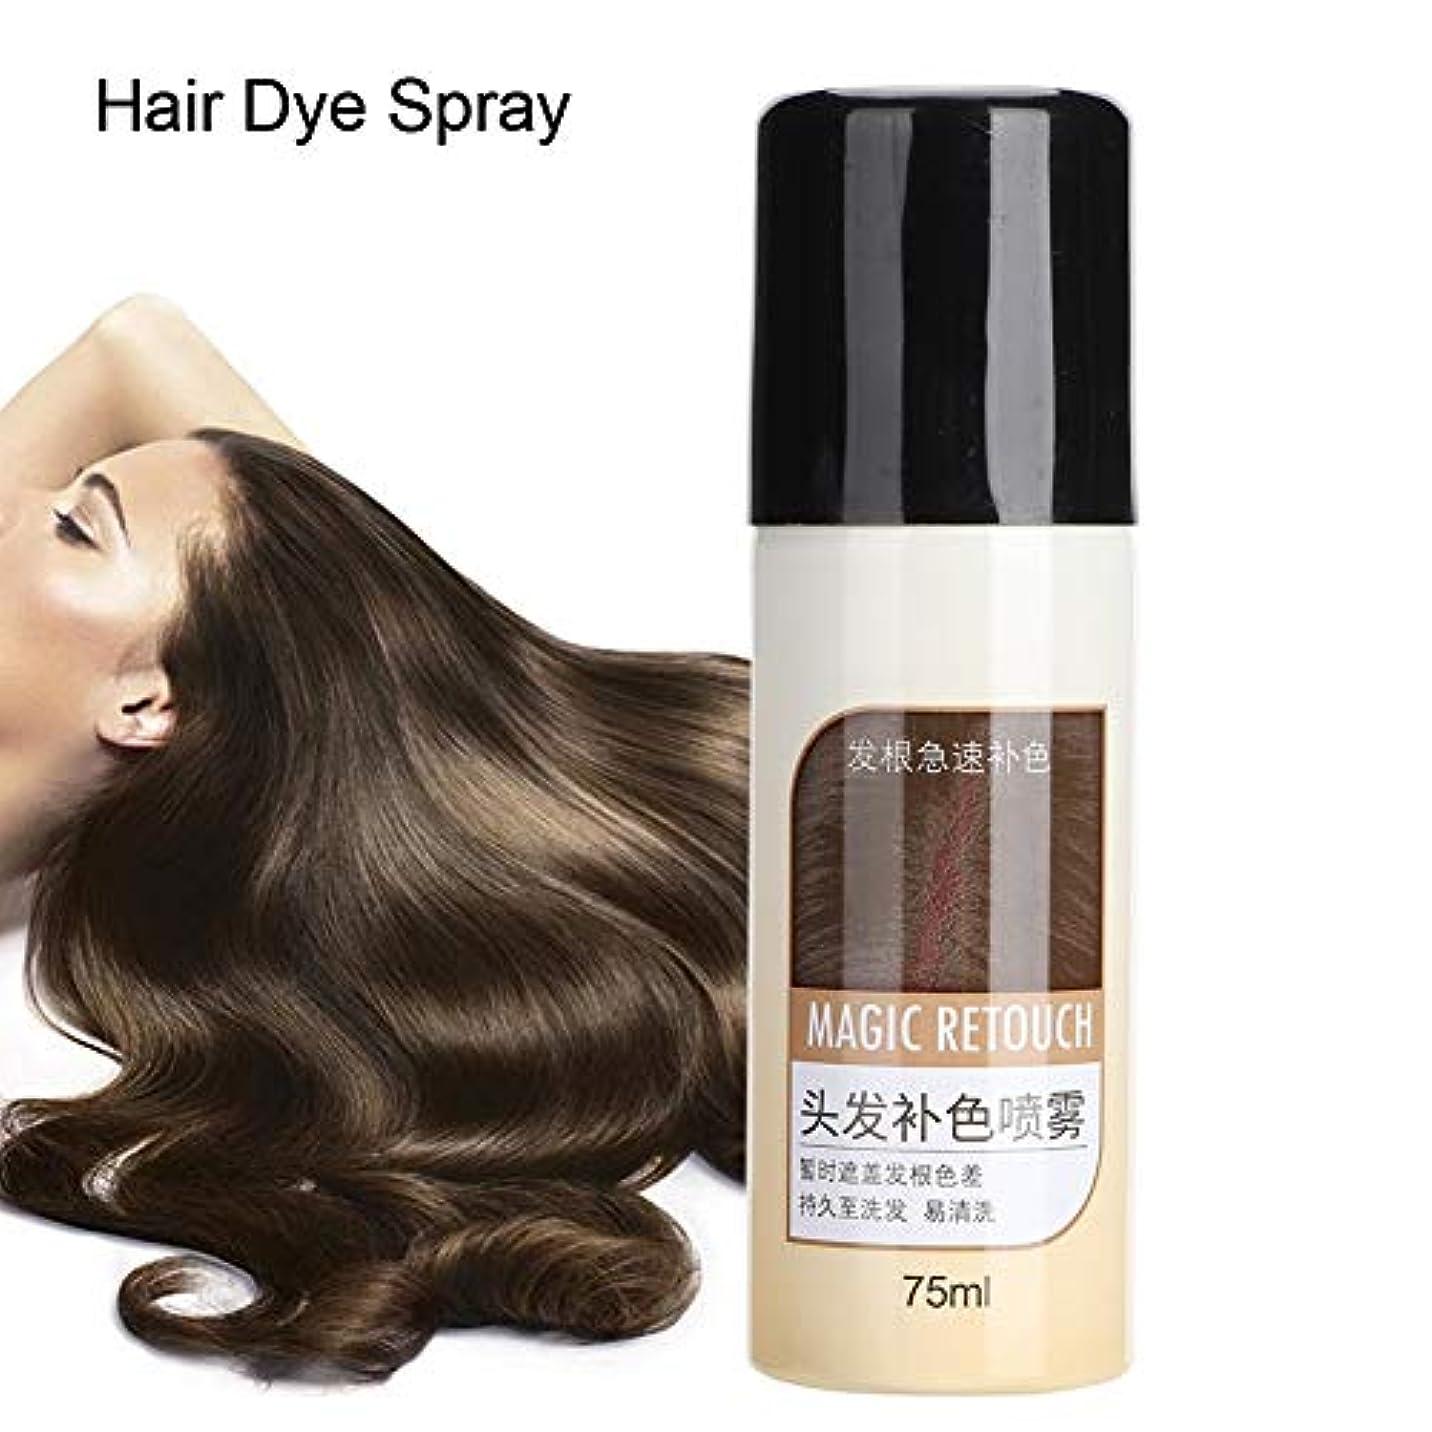 瞑想する殺す宙返りヘアダイ、べたつかないマットヘアスタイル栄養補給用洗えるスプレーカバー白髪用長続きするカラー染料750ml (#1)